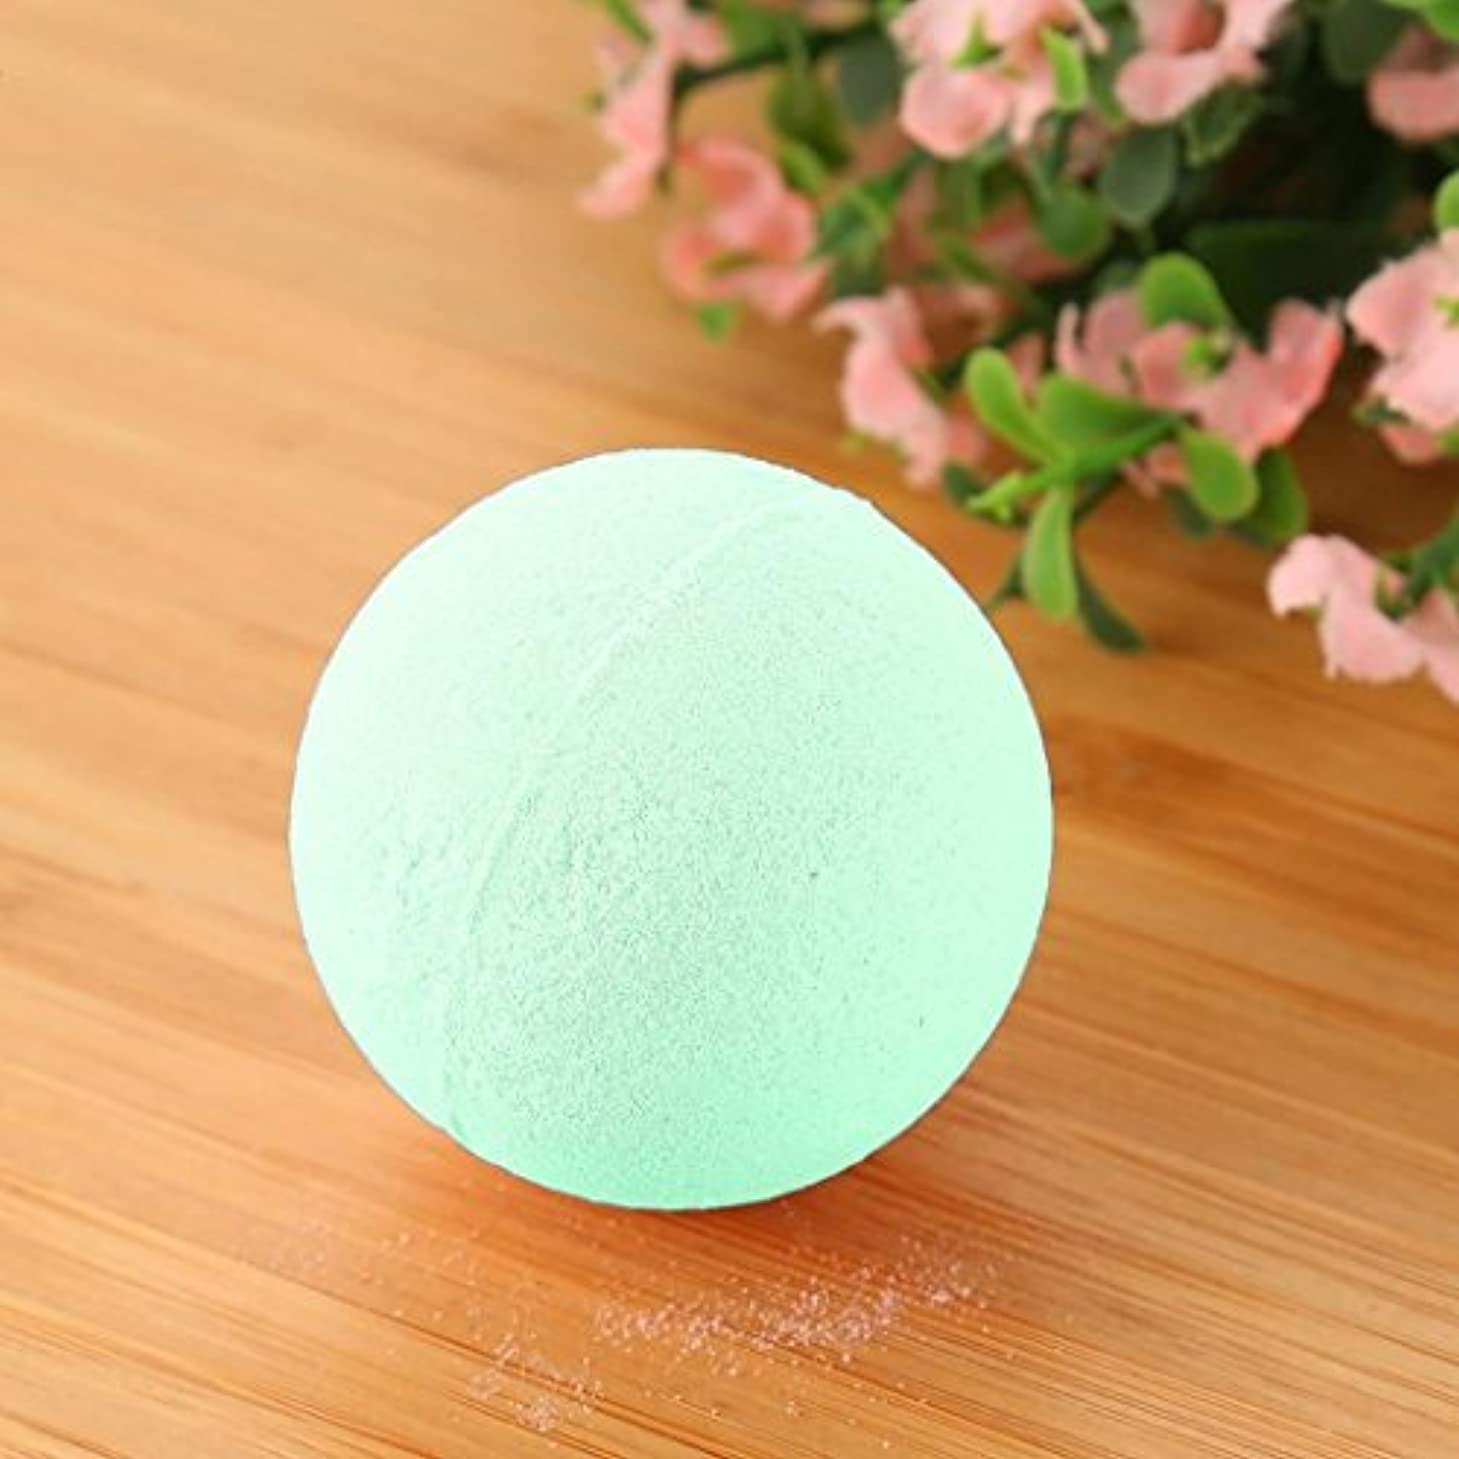 カビ迷惑誕生日バブル塩風呂の贈り物のためにボールをリラックスした女性の塩